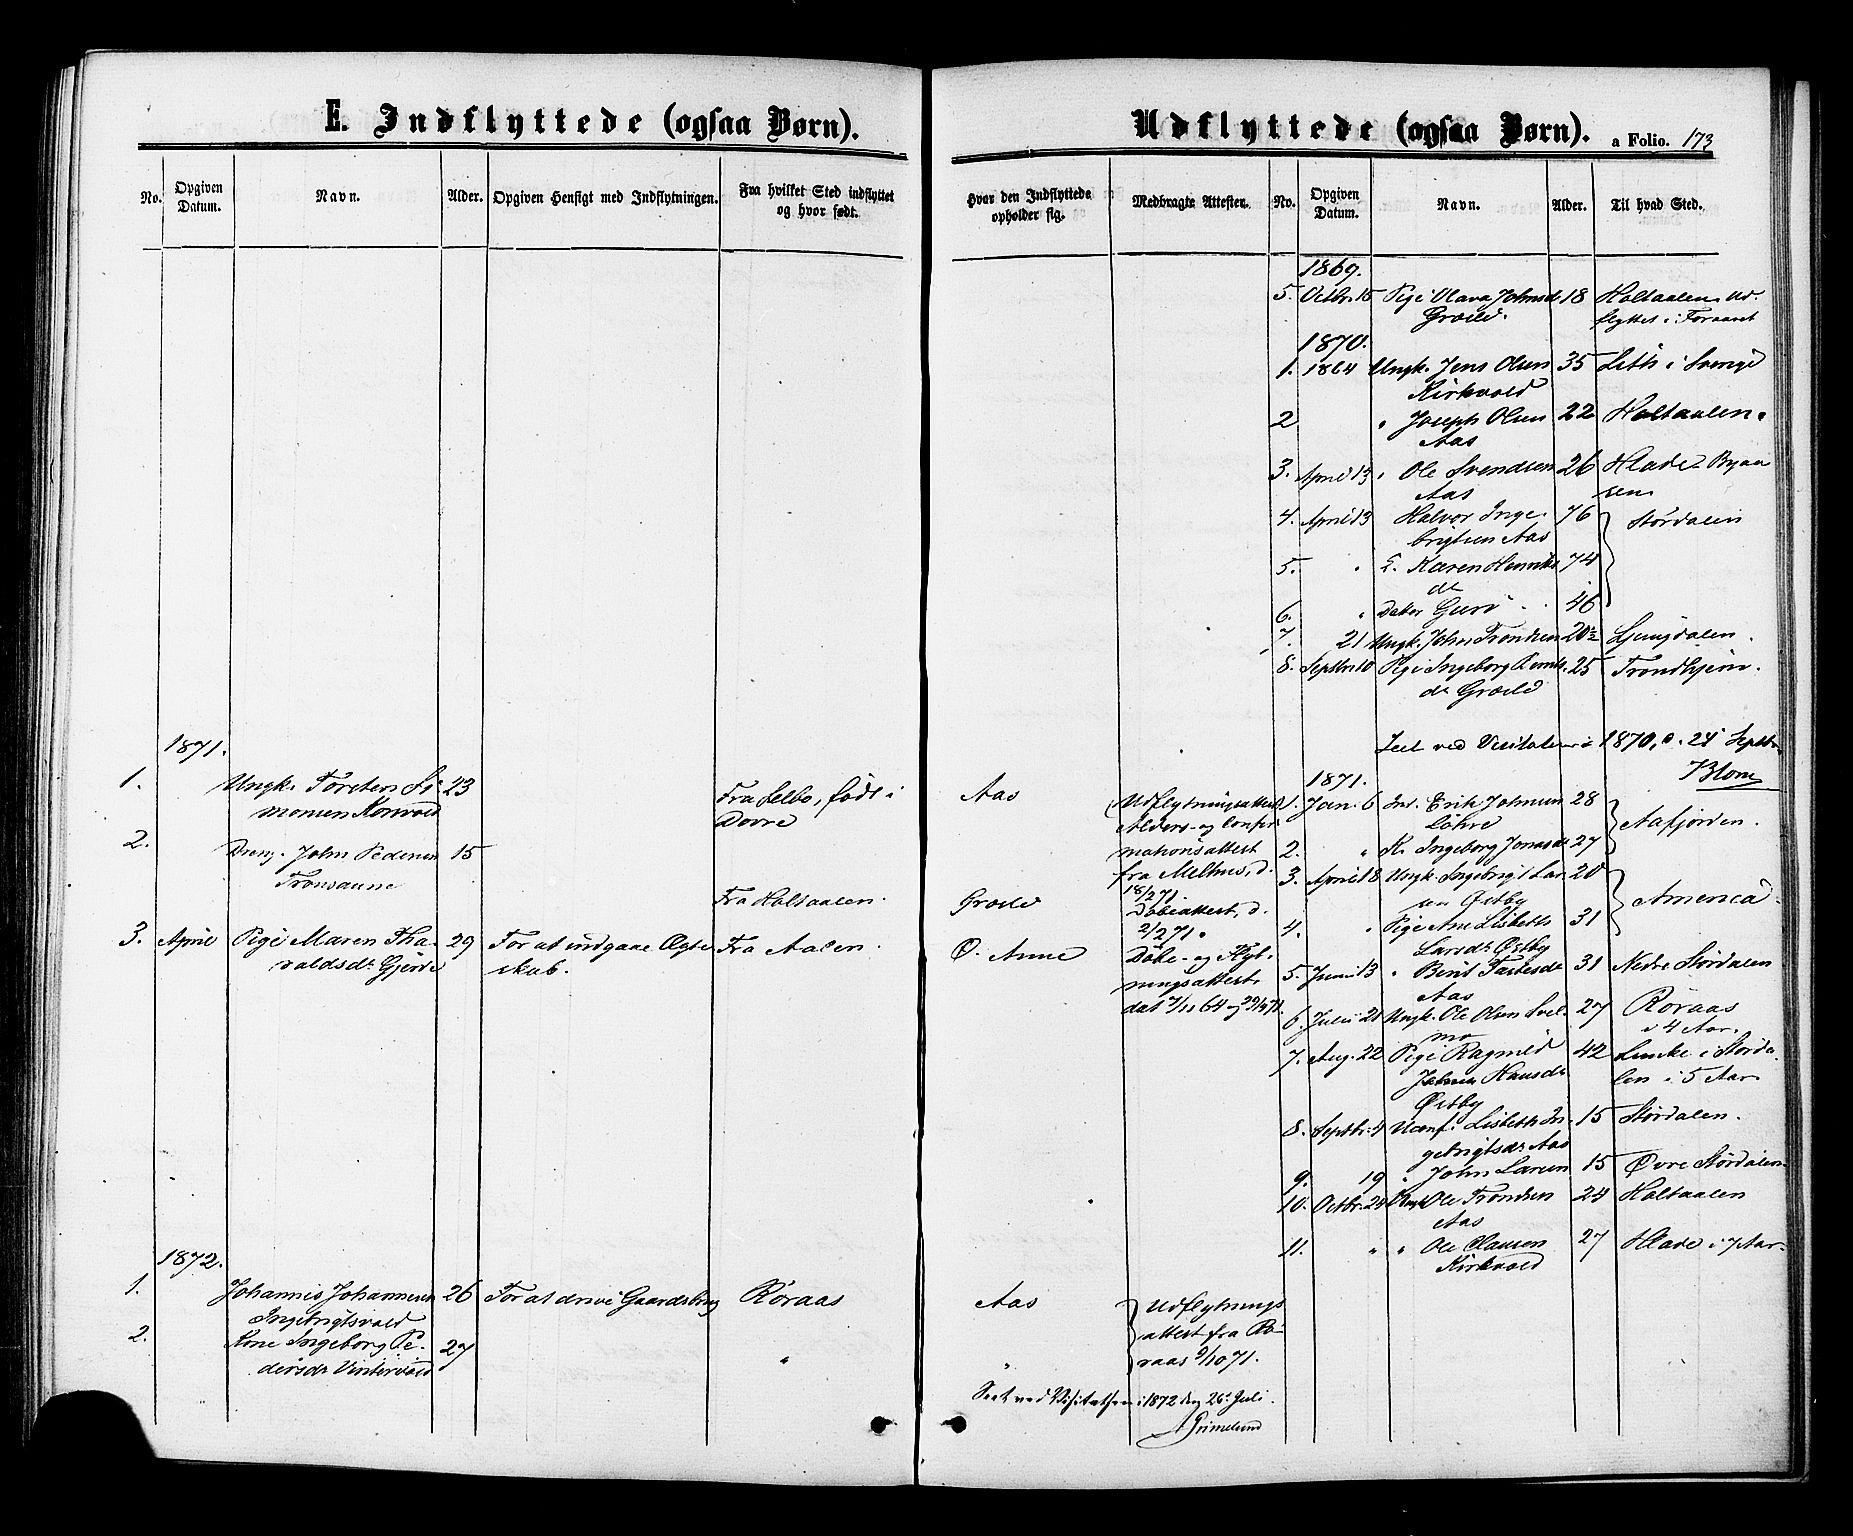 SAT, Ministerialprotokoller, klokkerbøker og fødselsregistre - Sør-Trøndelag, 698/L1163: Ministerialbok nr. 698A01, 1862-1887, s. 173